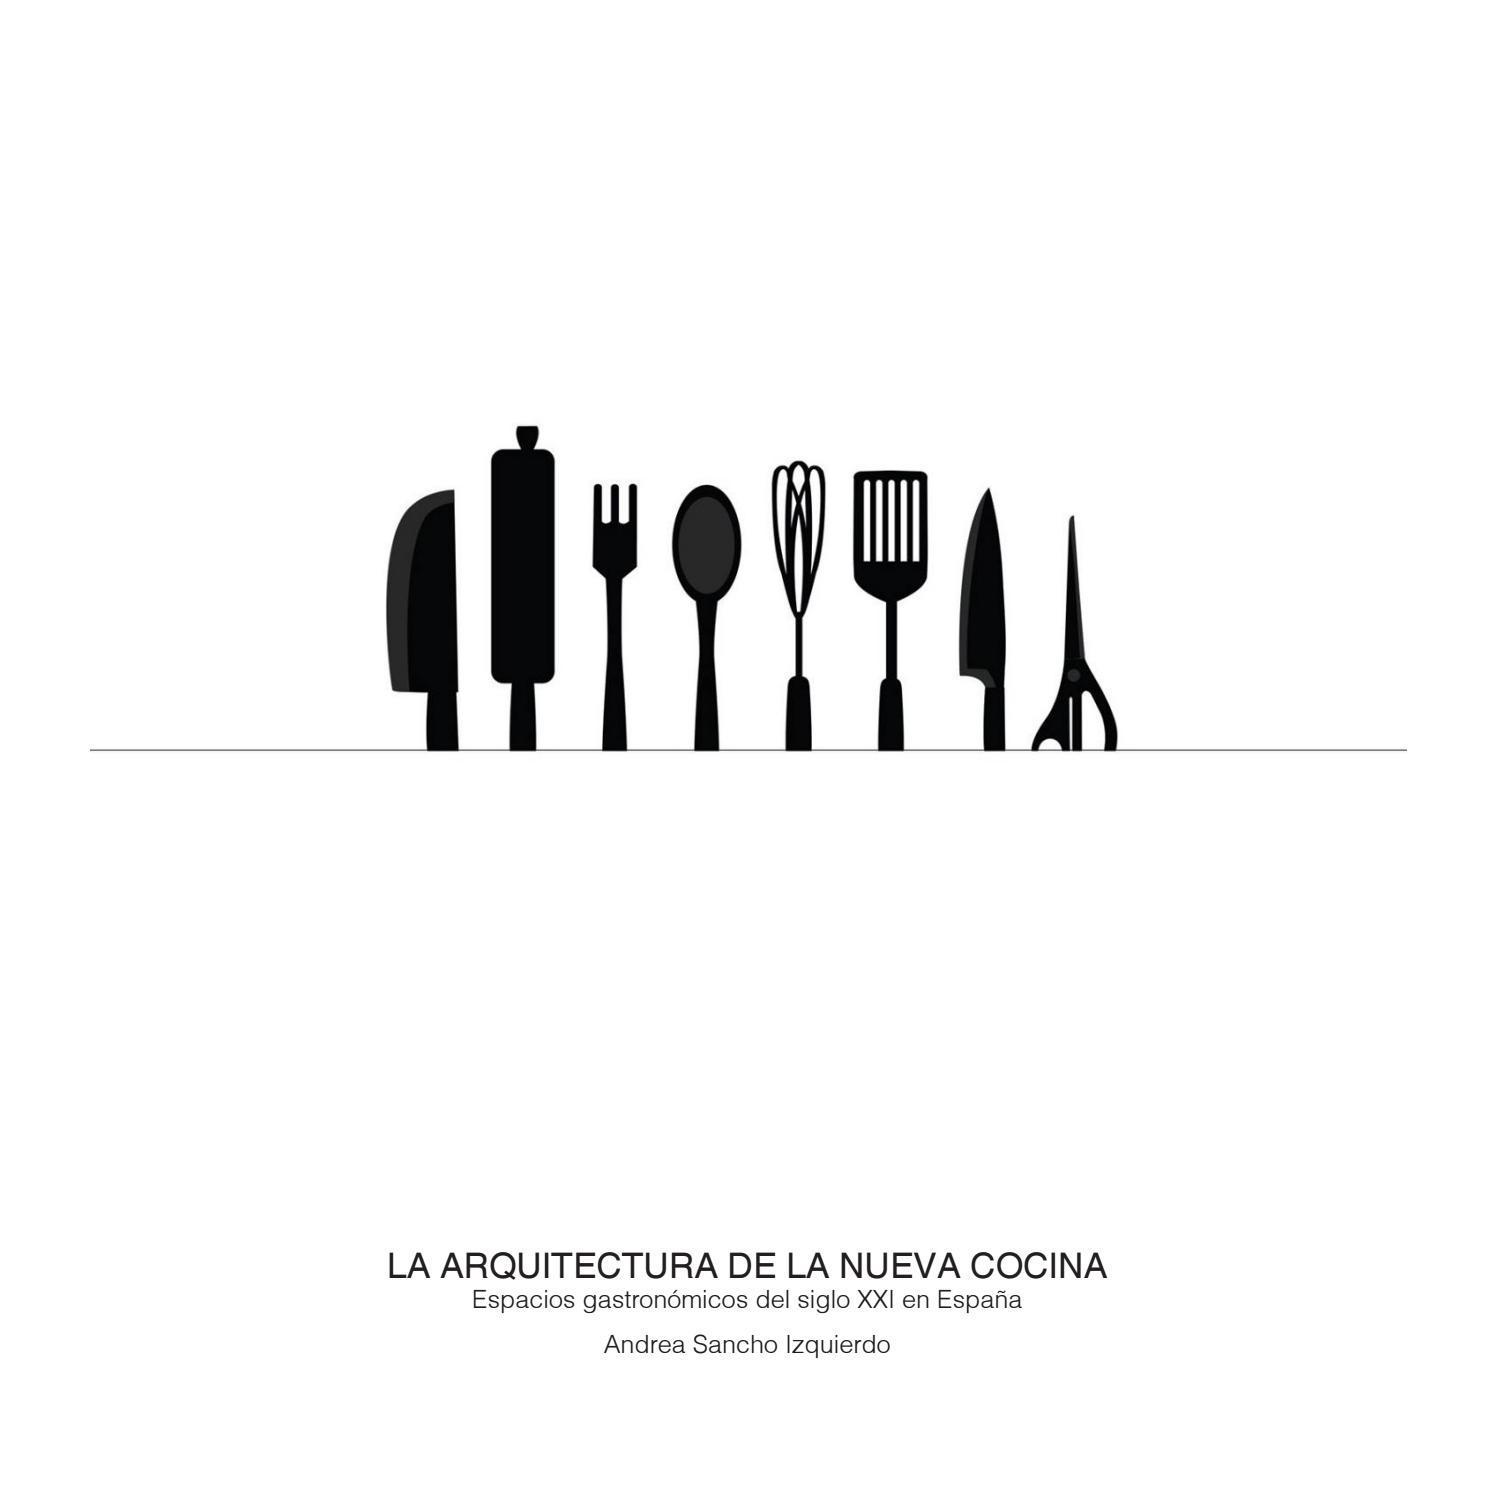 TFG_La arquitectura de la nueva cocina by a.sancho18 - issuu